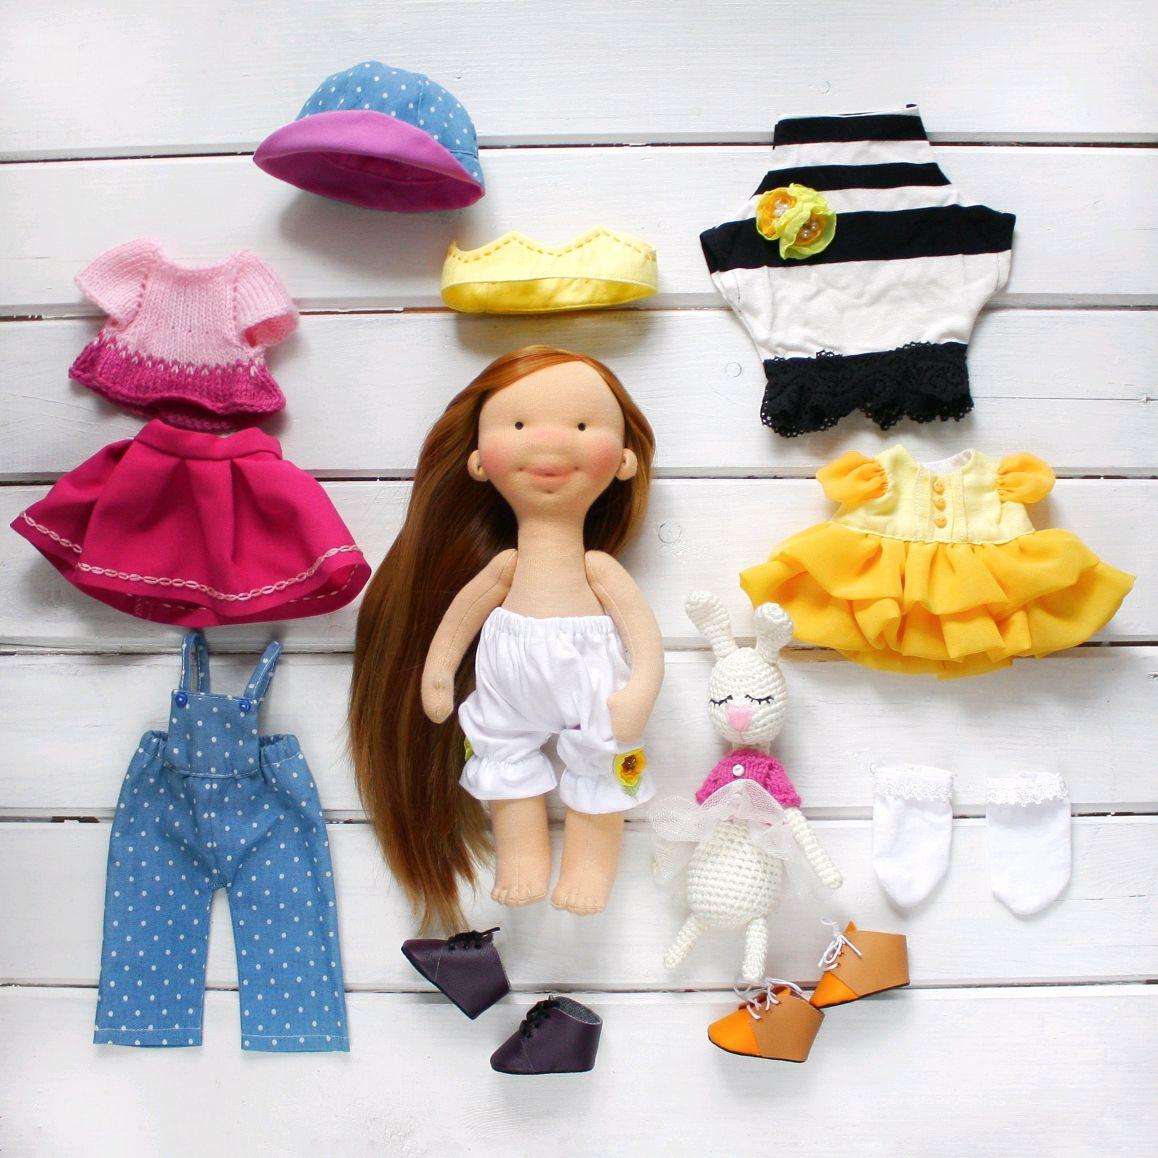 Игровая текстильная кукла со съемной одеждой, Игрушки, Москва, Фото №1